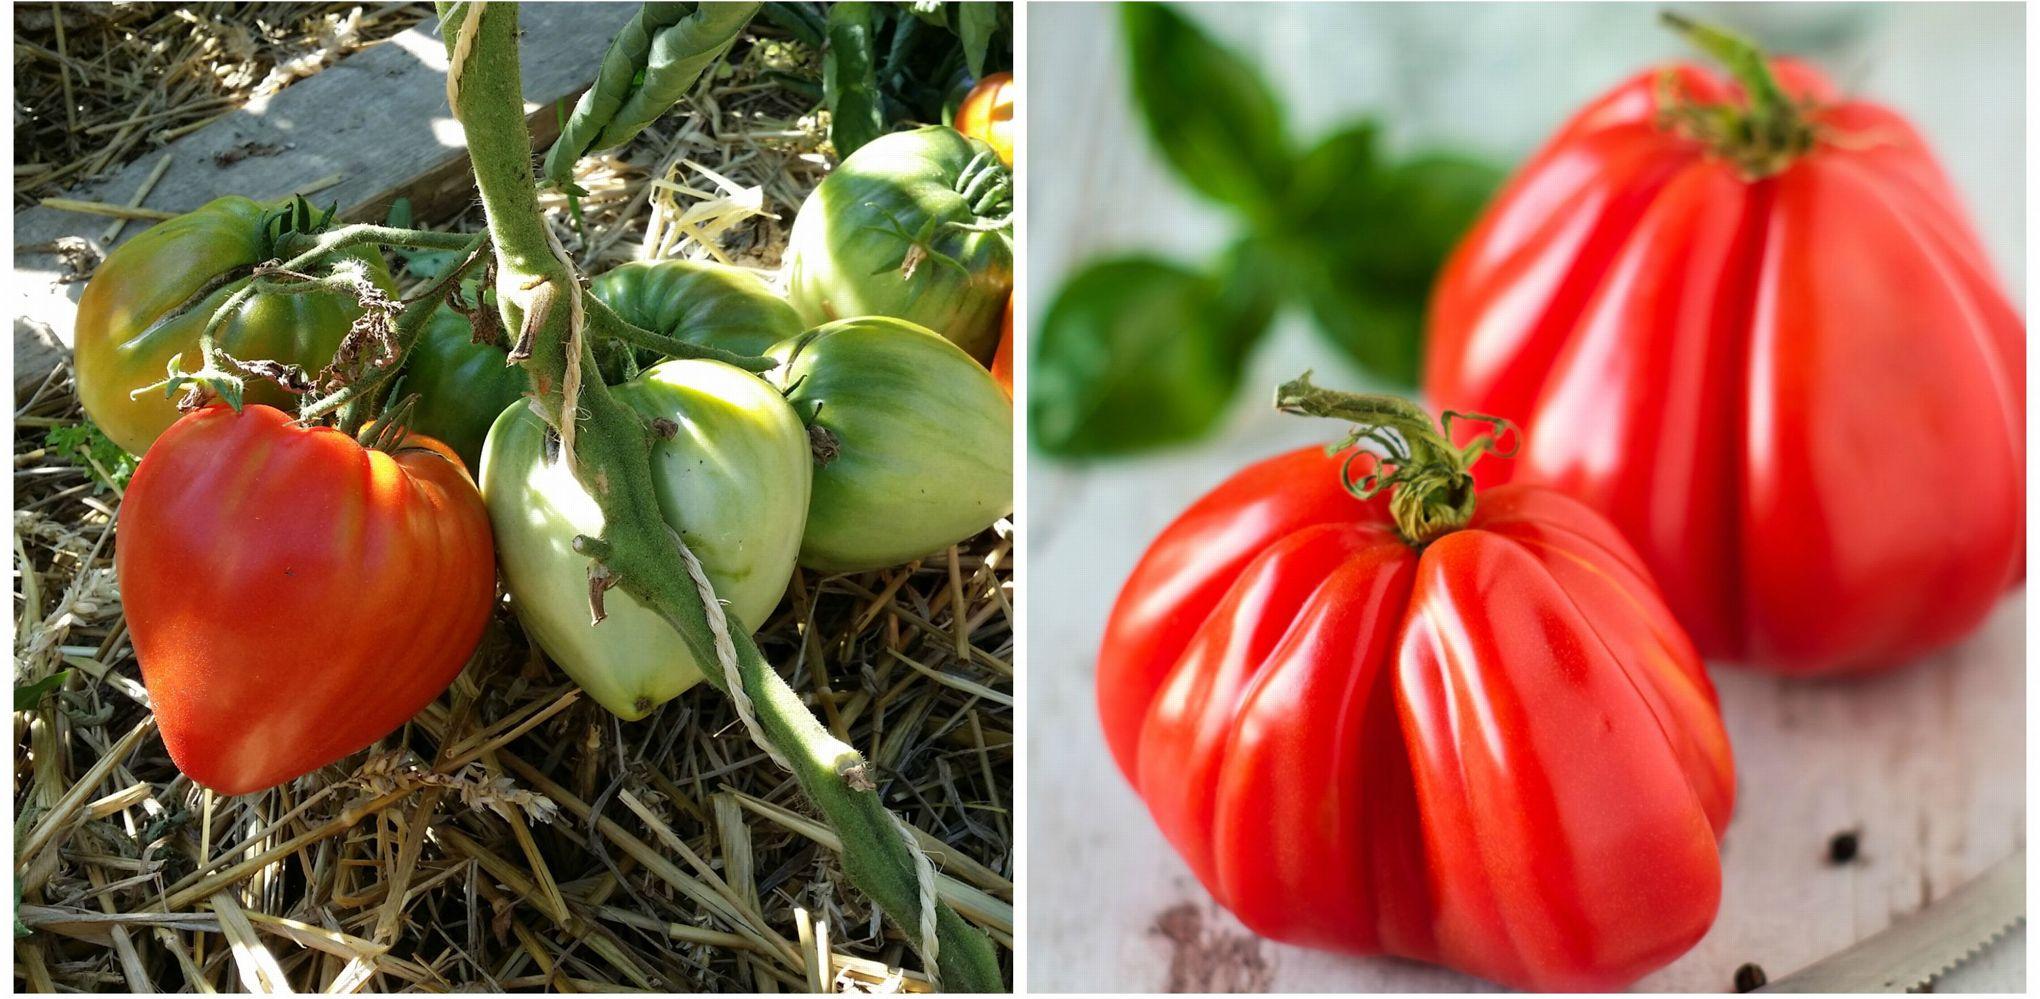 Comment reconna tre la vraie tomate c ur de b uf - Comment congeler des tomates du jardin ...